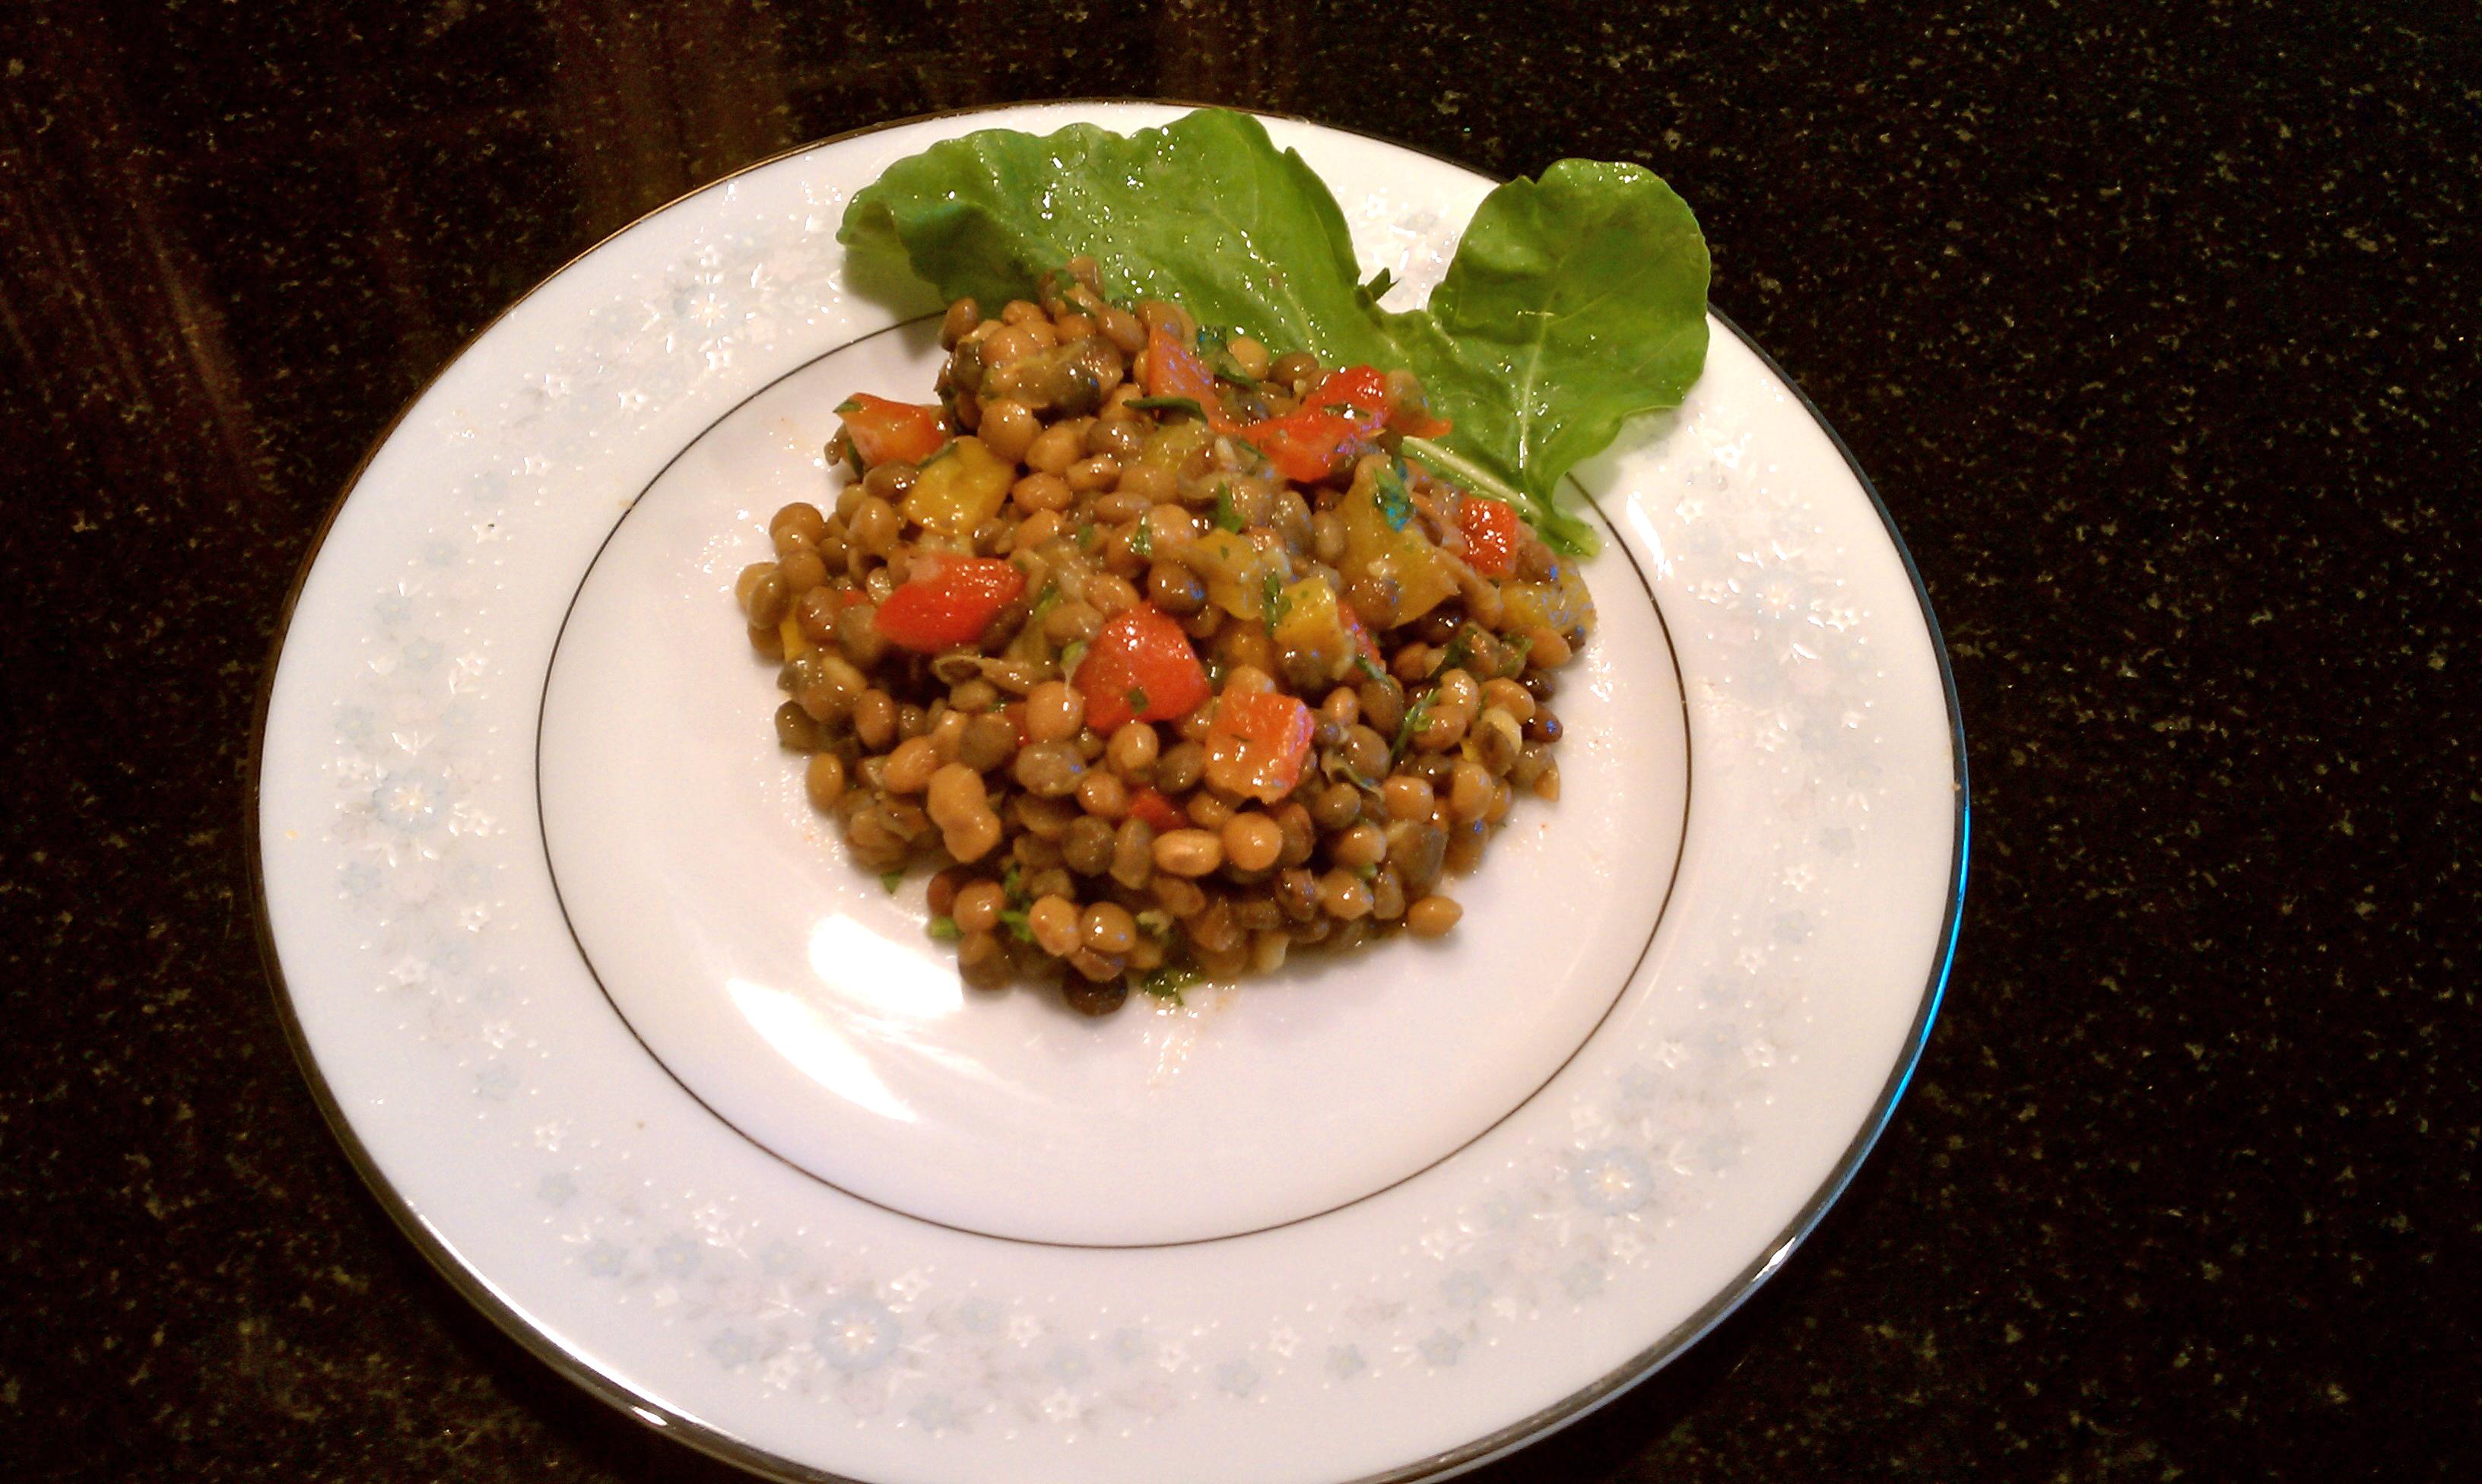 smoked lentil salad with smoked lentil salad w smoked lentil salad ...